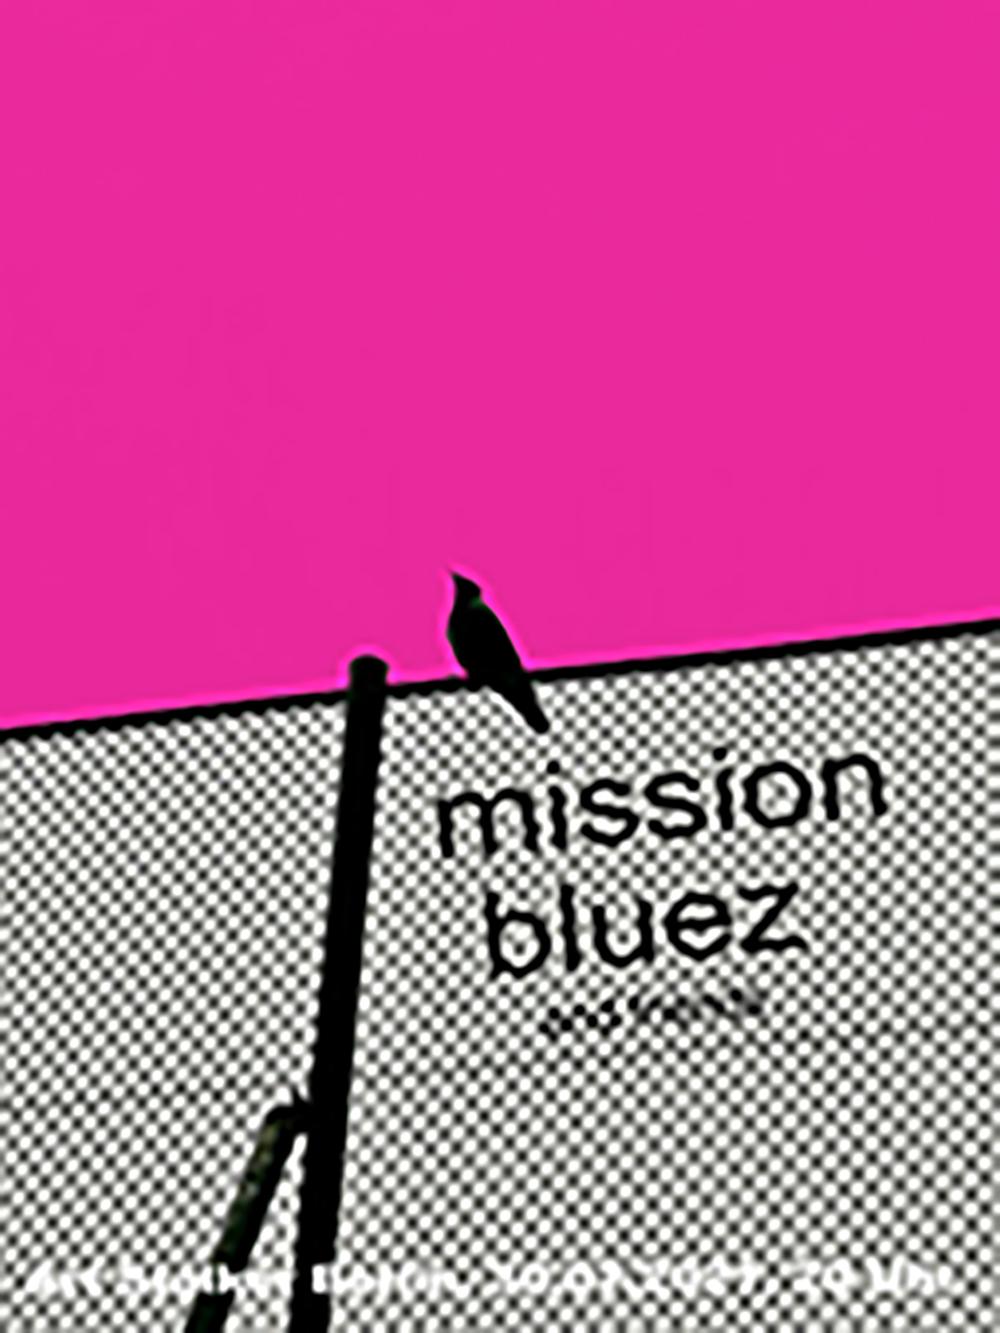 m_30.07.21-mission-bluez